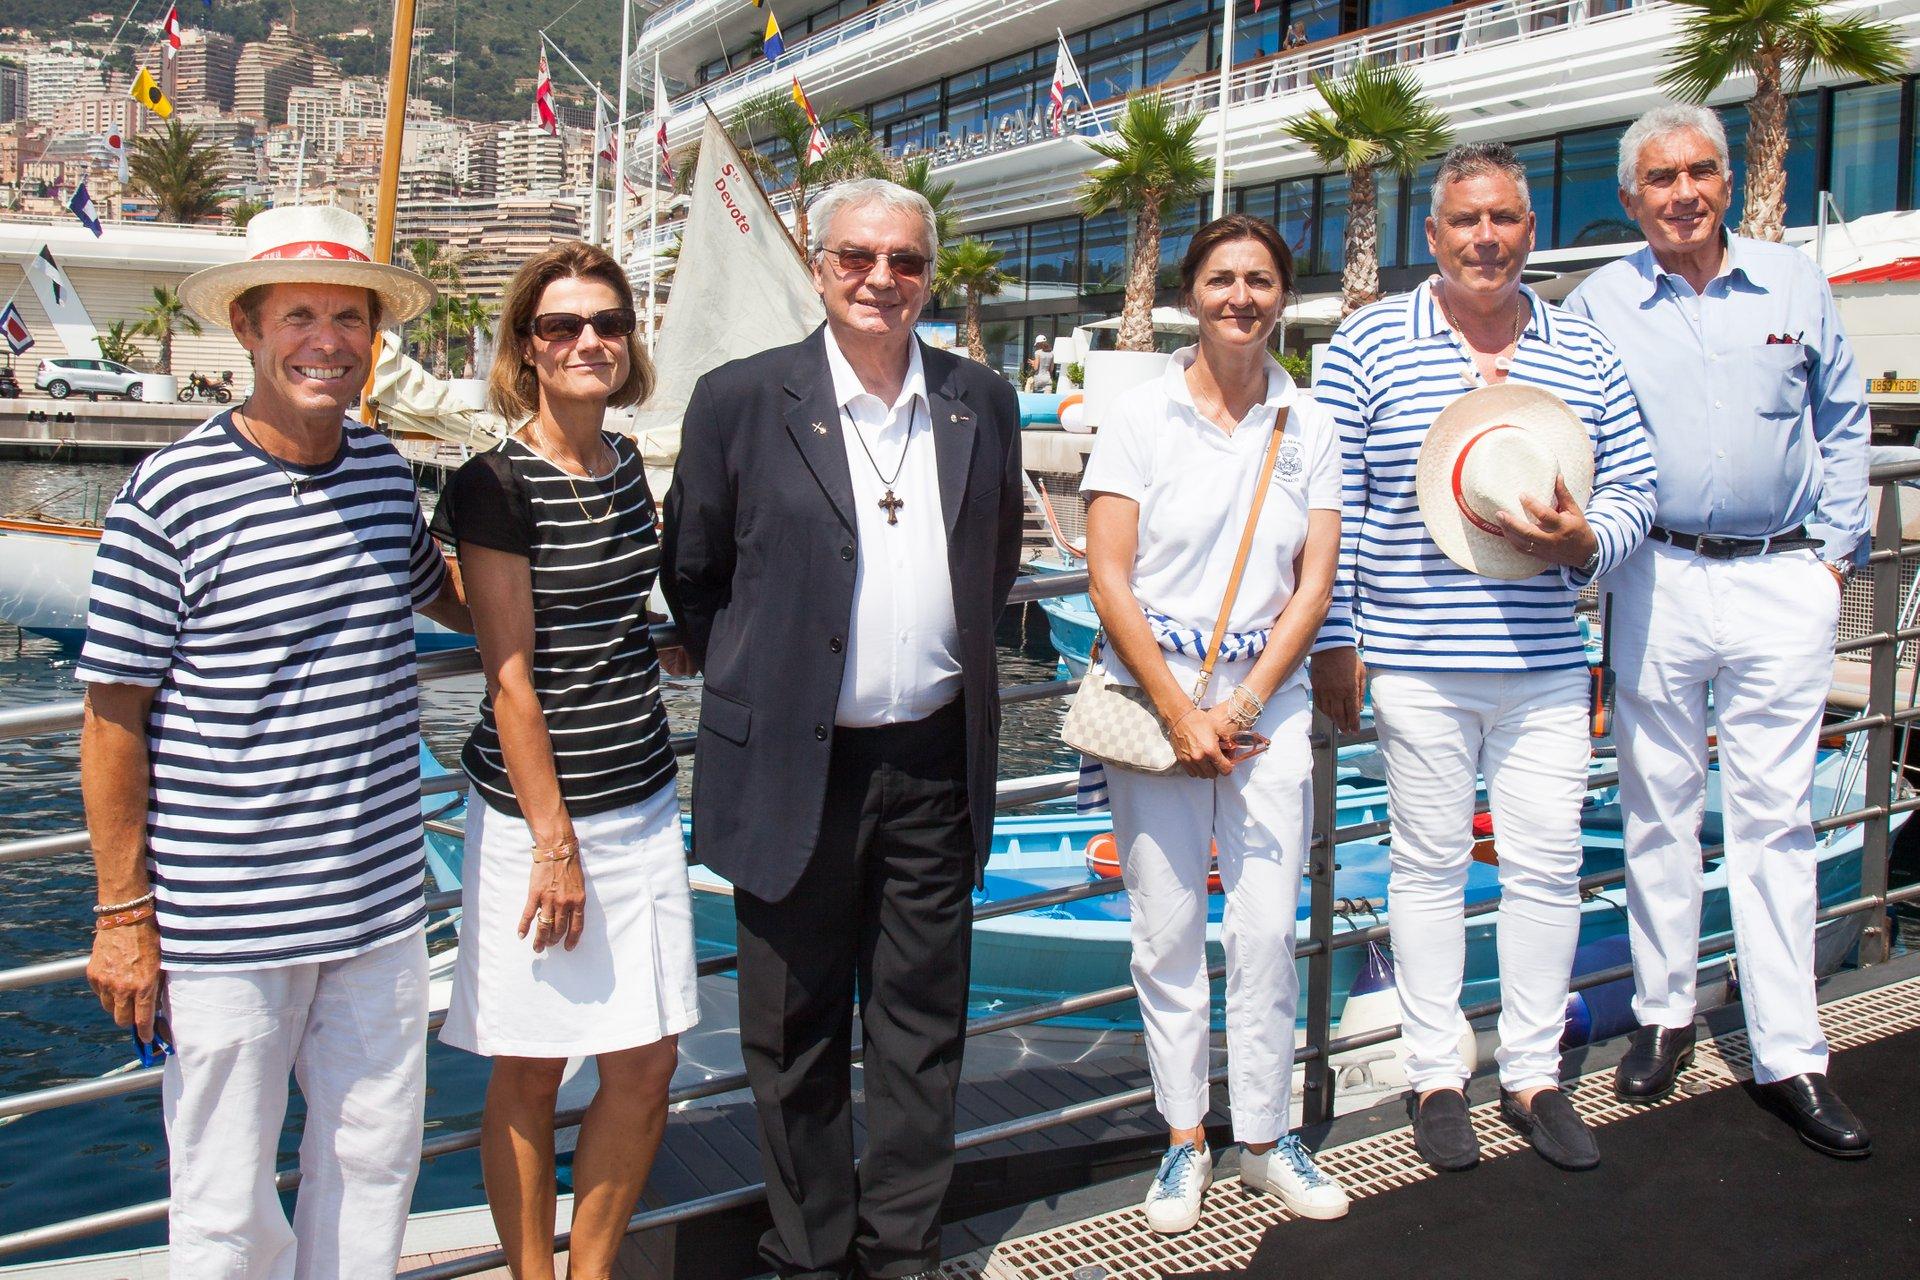 Best time to see Fête de la Mer (Festival of the Sea) in Monaco